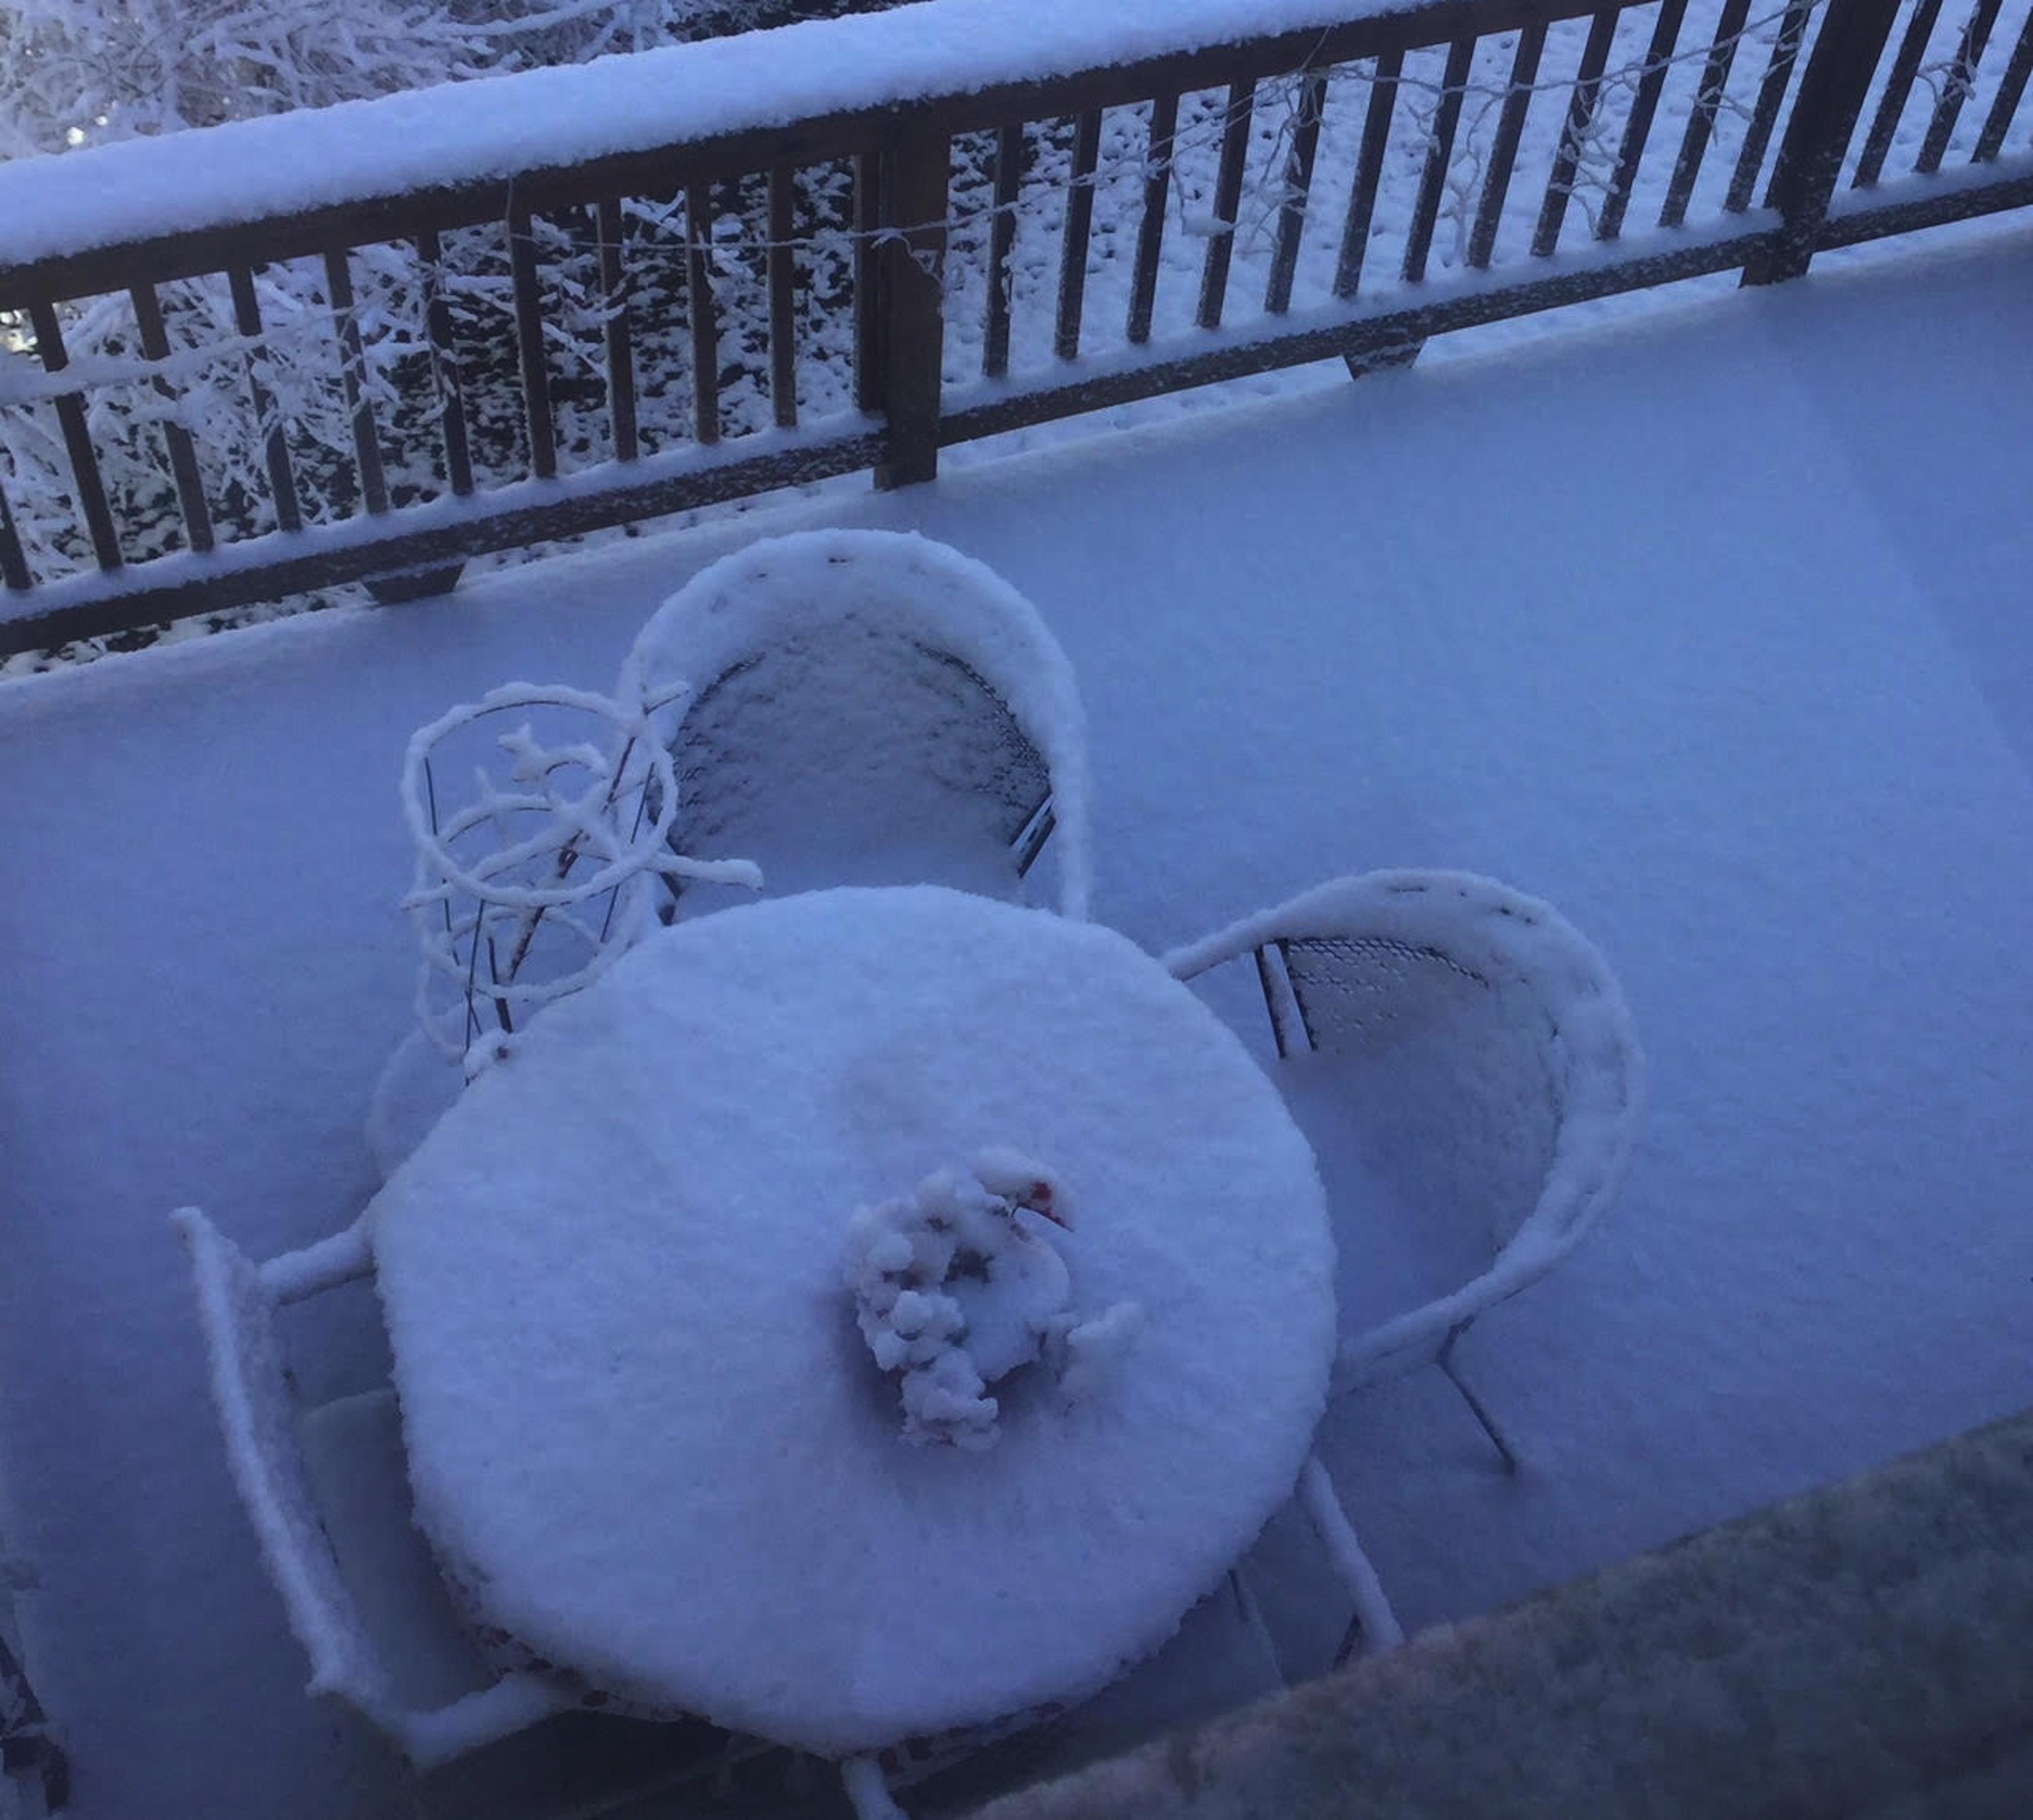 虛席以待。(吳淑梅 2017/12/23 @密蘇里州聖路易年底第一場雪)